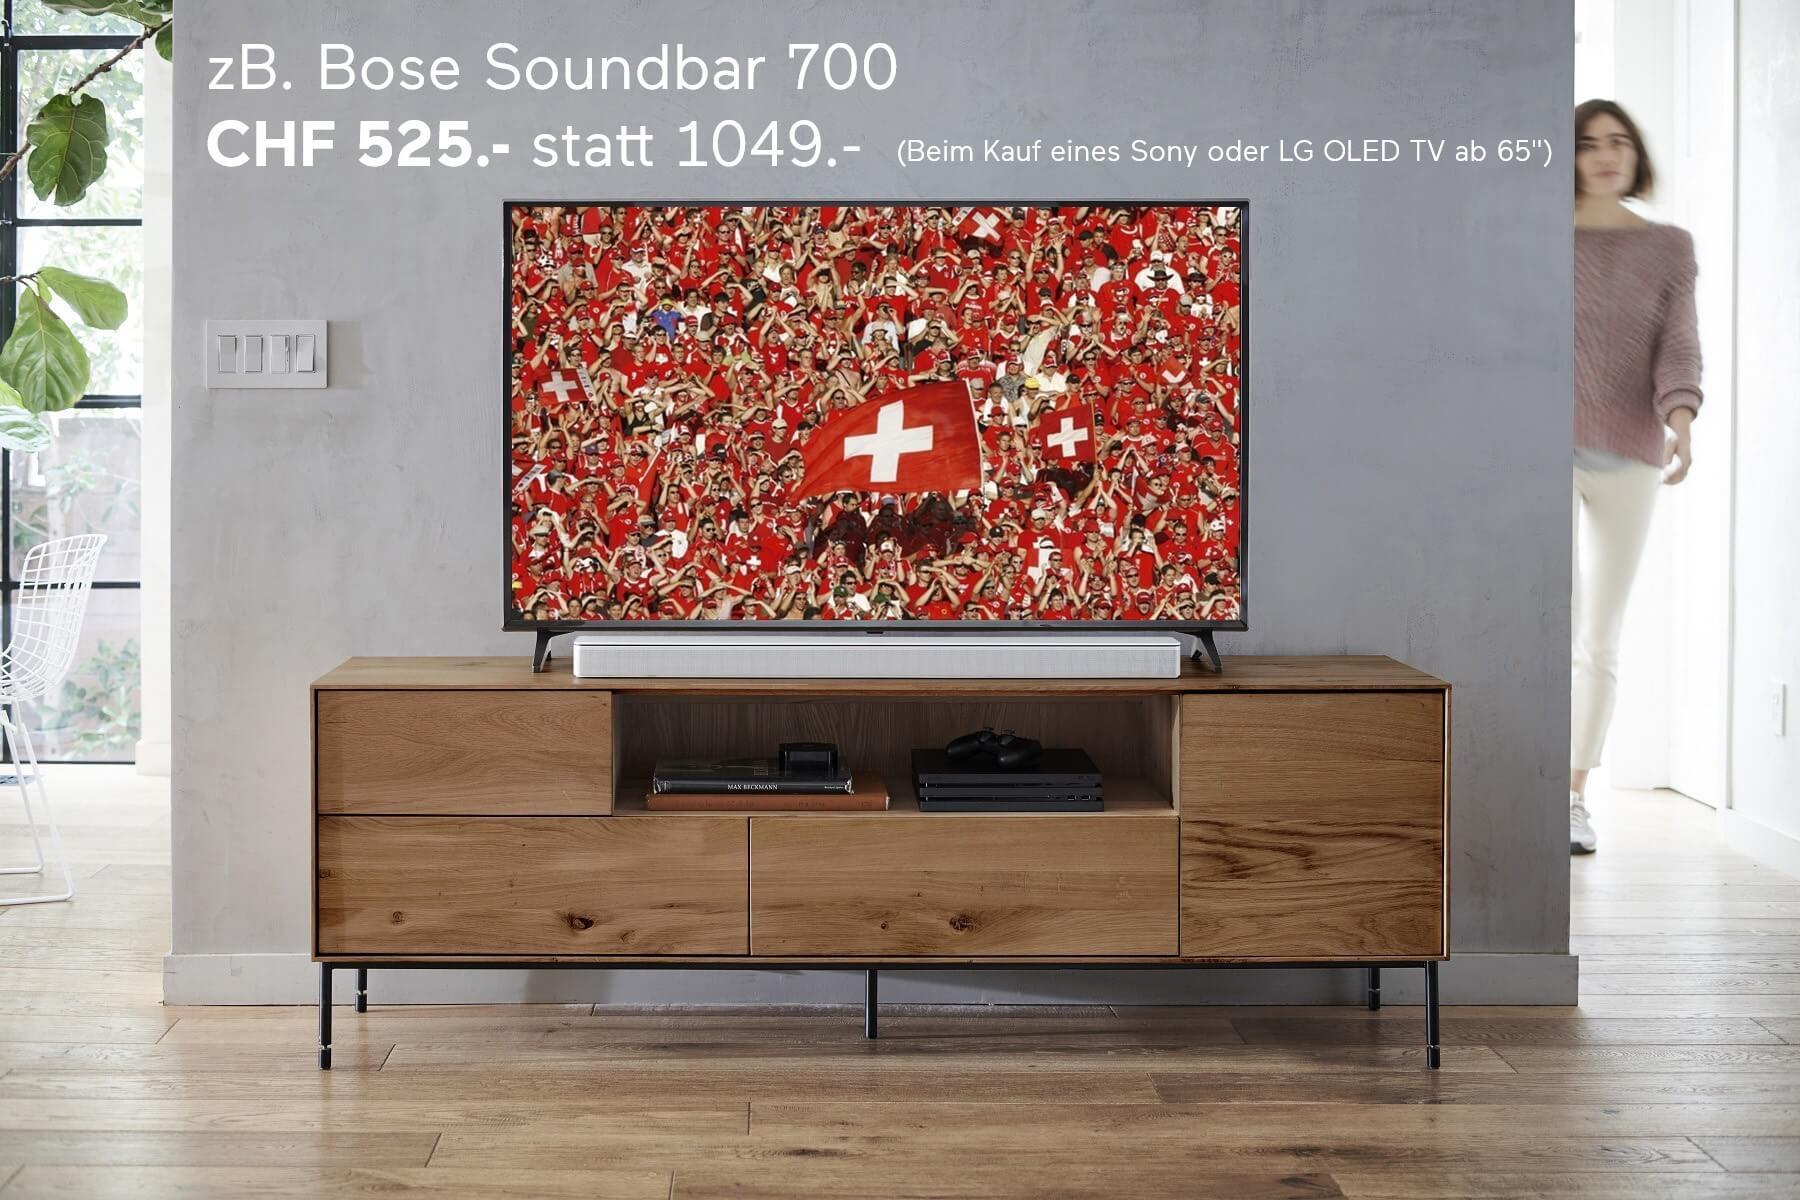 Bose Soundbar 700 WM Aktion